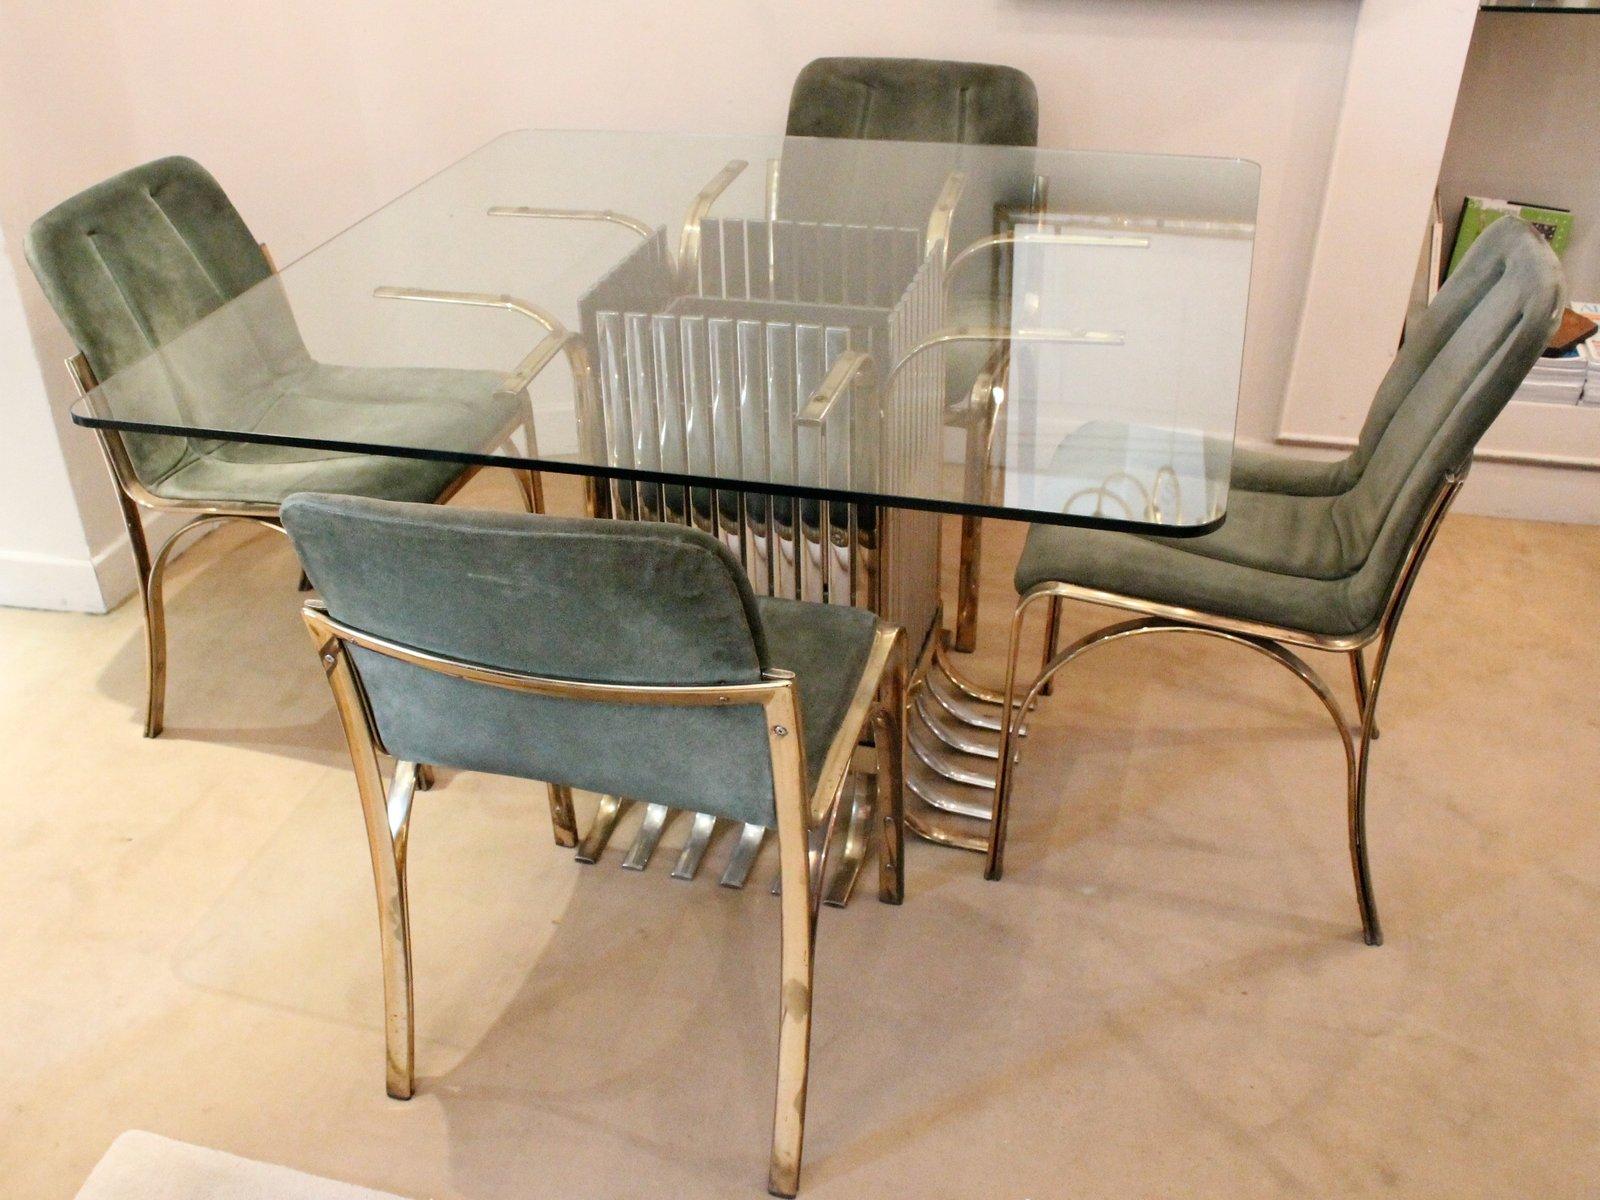 Tavolo da pranzo in vetro con 4 sedie, Italia, 1970 in vendita su Pamono